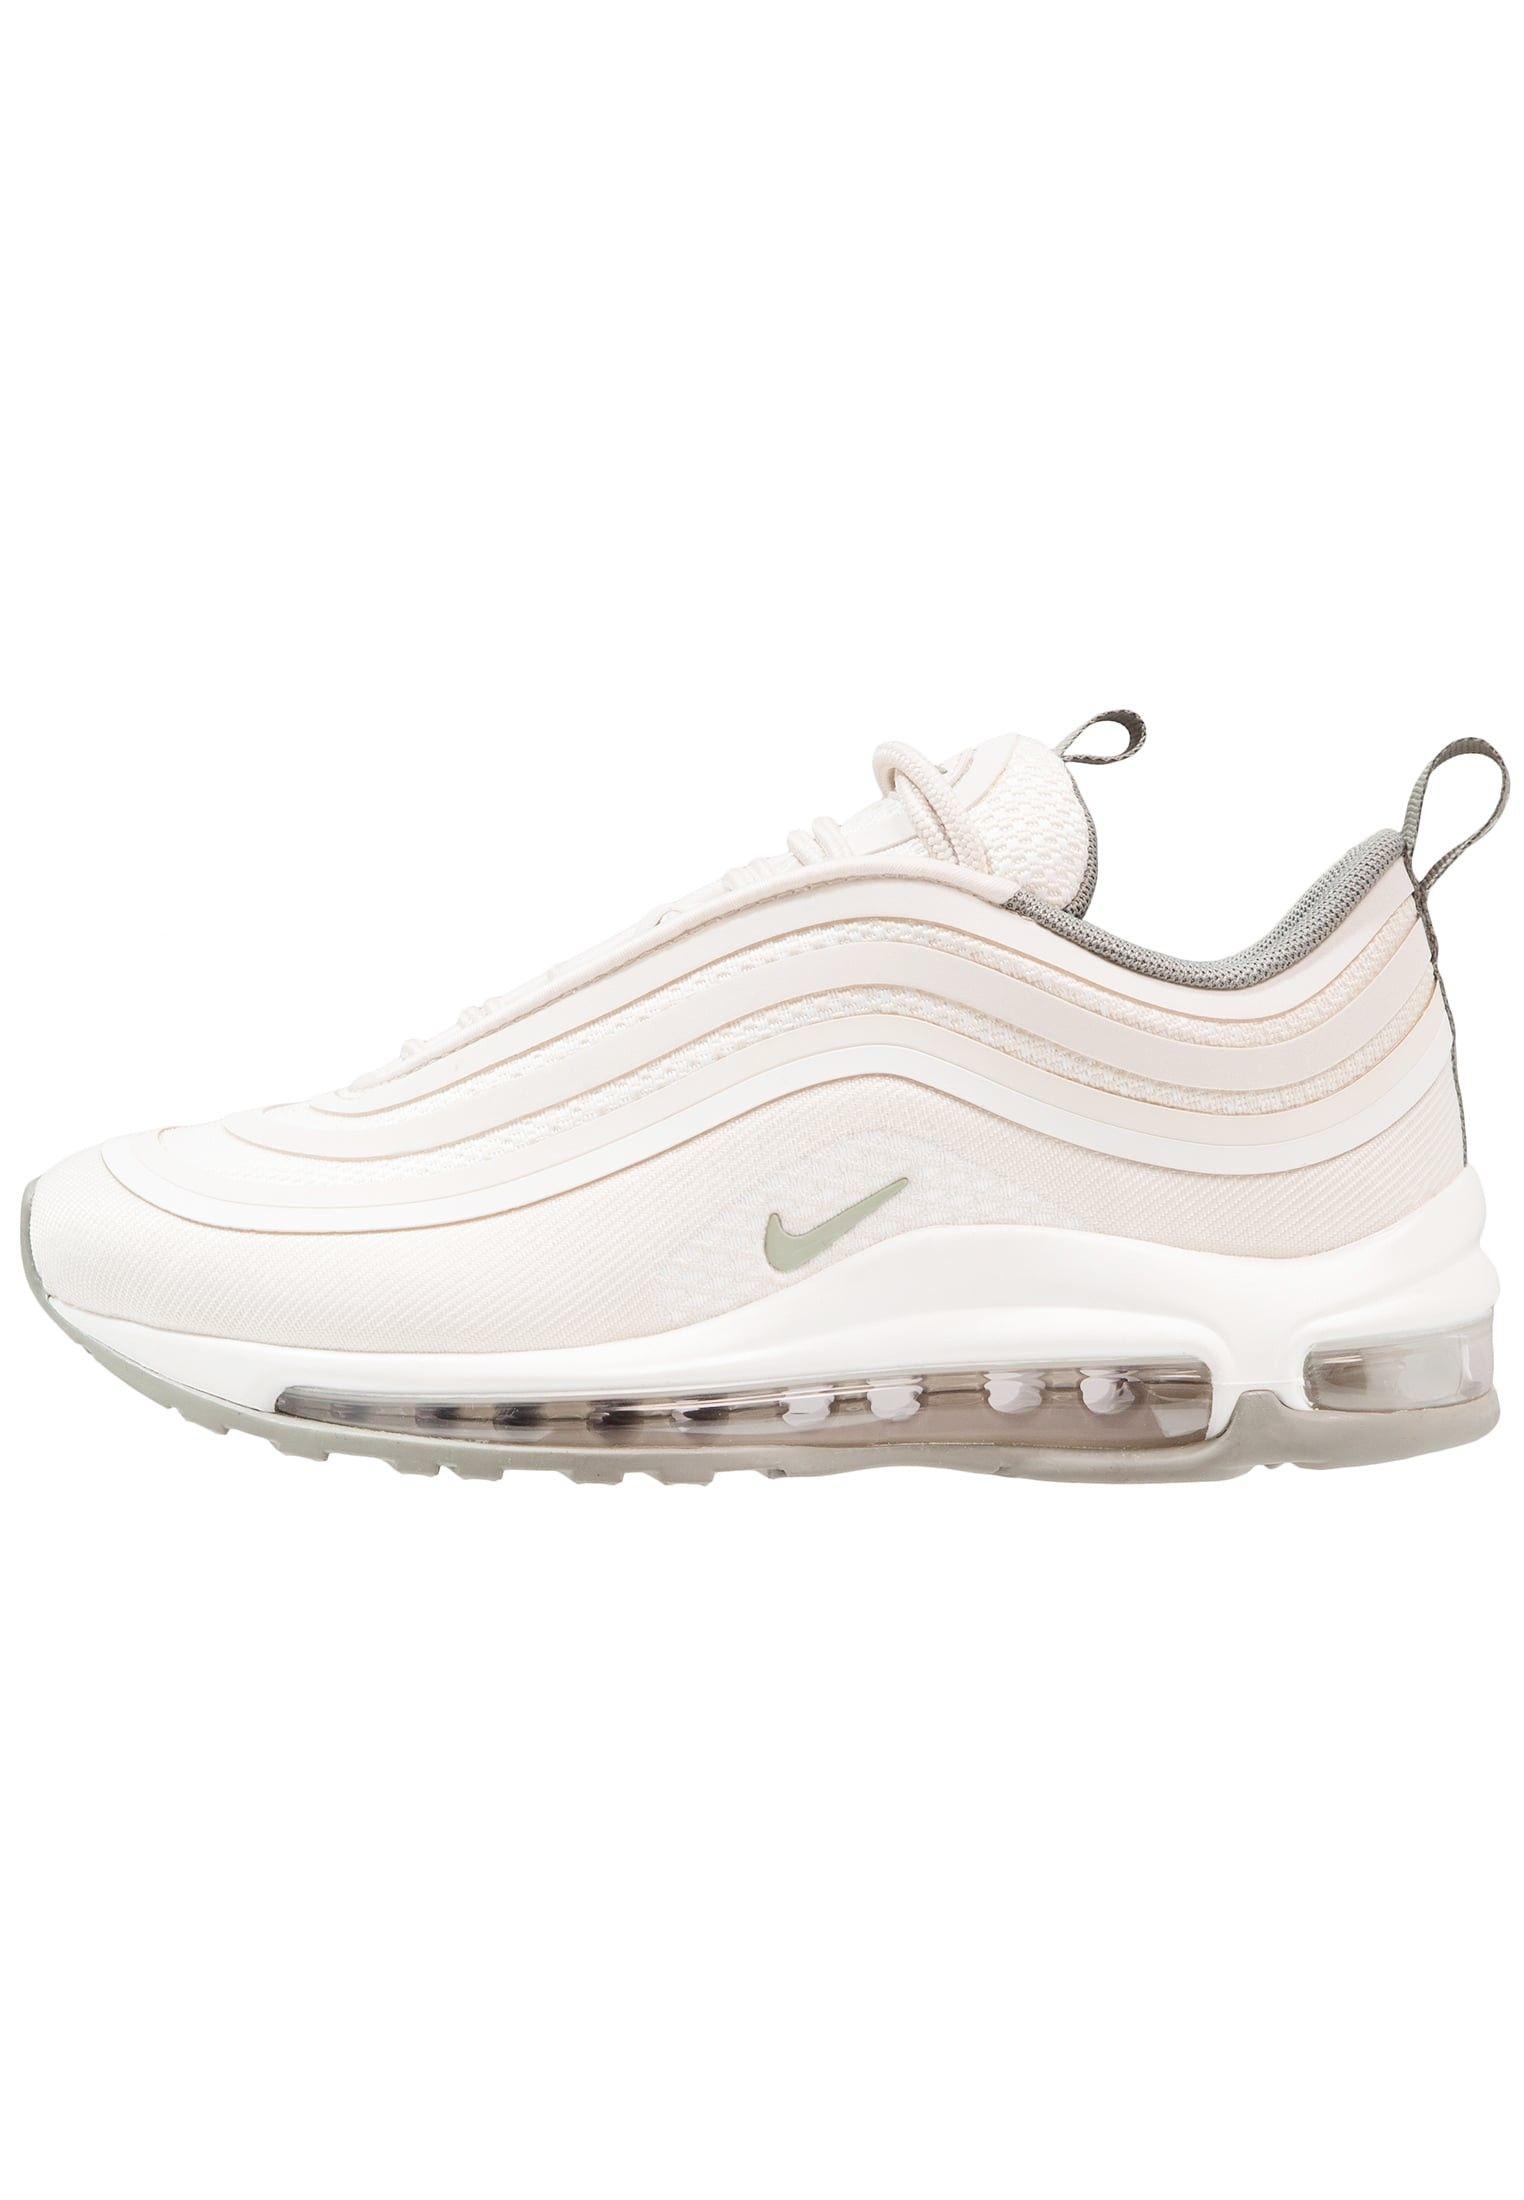 Damen Nike Footwear Für Sport W AIR MAX 97 UL 17